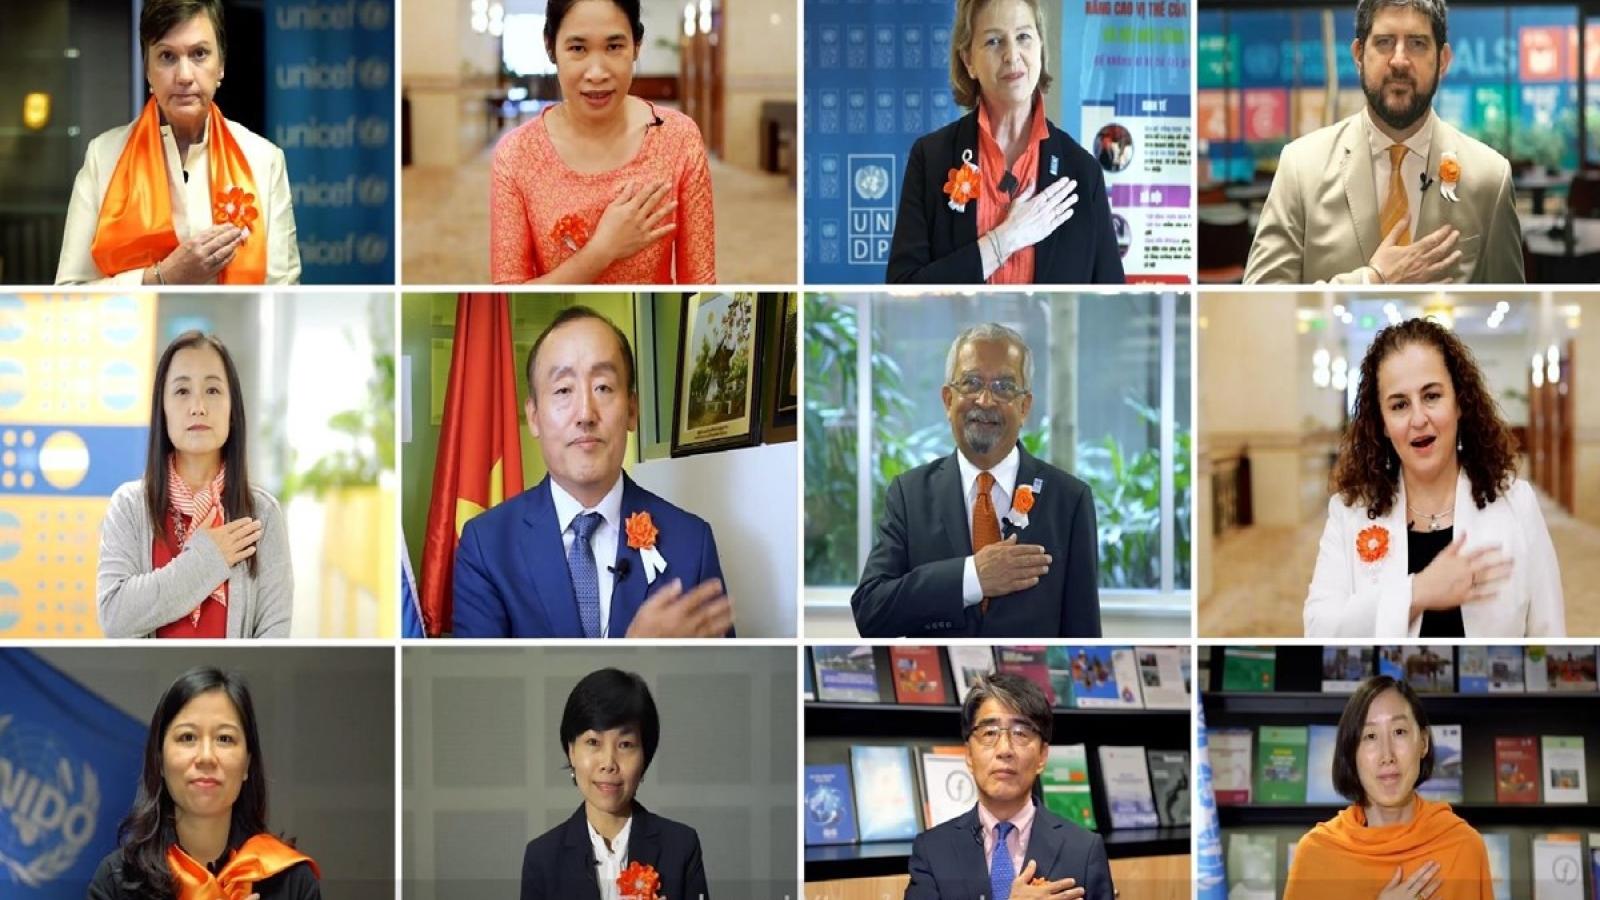 UN thanks Vietnam for halting gender-based violence